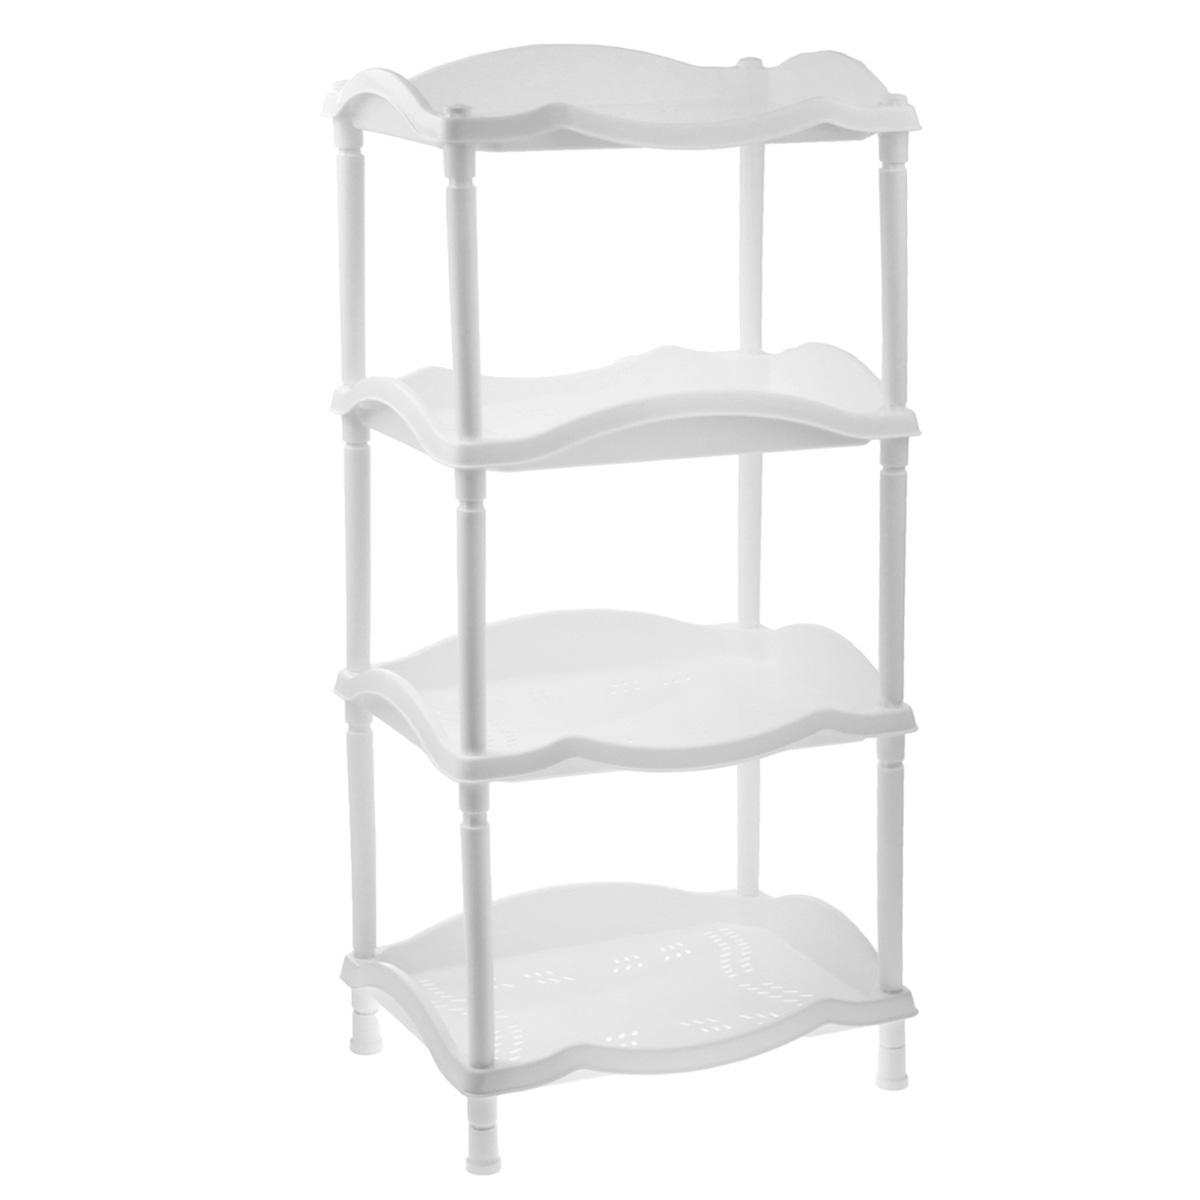 Этажерка Berossi Каскад, 4-х секционная, цвет: белый, 43,8 см х 31,6 см х 89,2 смА14201Этажерка Berossi Каскад выполнена из высококачественного прочного пластика и предназначена для хранения различных предметов. Изделие имеет 4 полки прямоугольной формы с перфорированными стенками. В ванной комнате вы можете использовать этажерку для хранения шампуней, гелей, жидкого мыла, стиральных порошков, полотенец и т.д. Ручной инструмент и детали в вашем гараже всегда будут под рукой. Удобно ставить банки с краской, бутылки с растворителем. В гостиной этажерка позволит удобно хранить под рукой книги, журналы, газеты. С помощью этажерки также легко навести порядок в детской, она позволит удобно и компактно хранить игрушки, письменные принадлежности и учебники. Этажерка - это идеальное решение для любого помещения. Она поможет поддерживать чистоту, компактно организовать пространство и хранить вещи в порядке, а стильный дизайн сделает этажерку ярким украшением интерьера. Размер этажерки (ДхШхВ): 43,8 см х 31,6 см х 89,2 см. ...